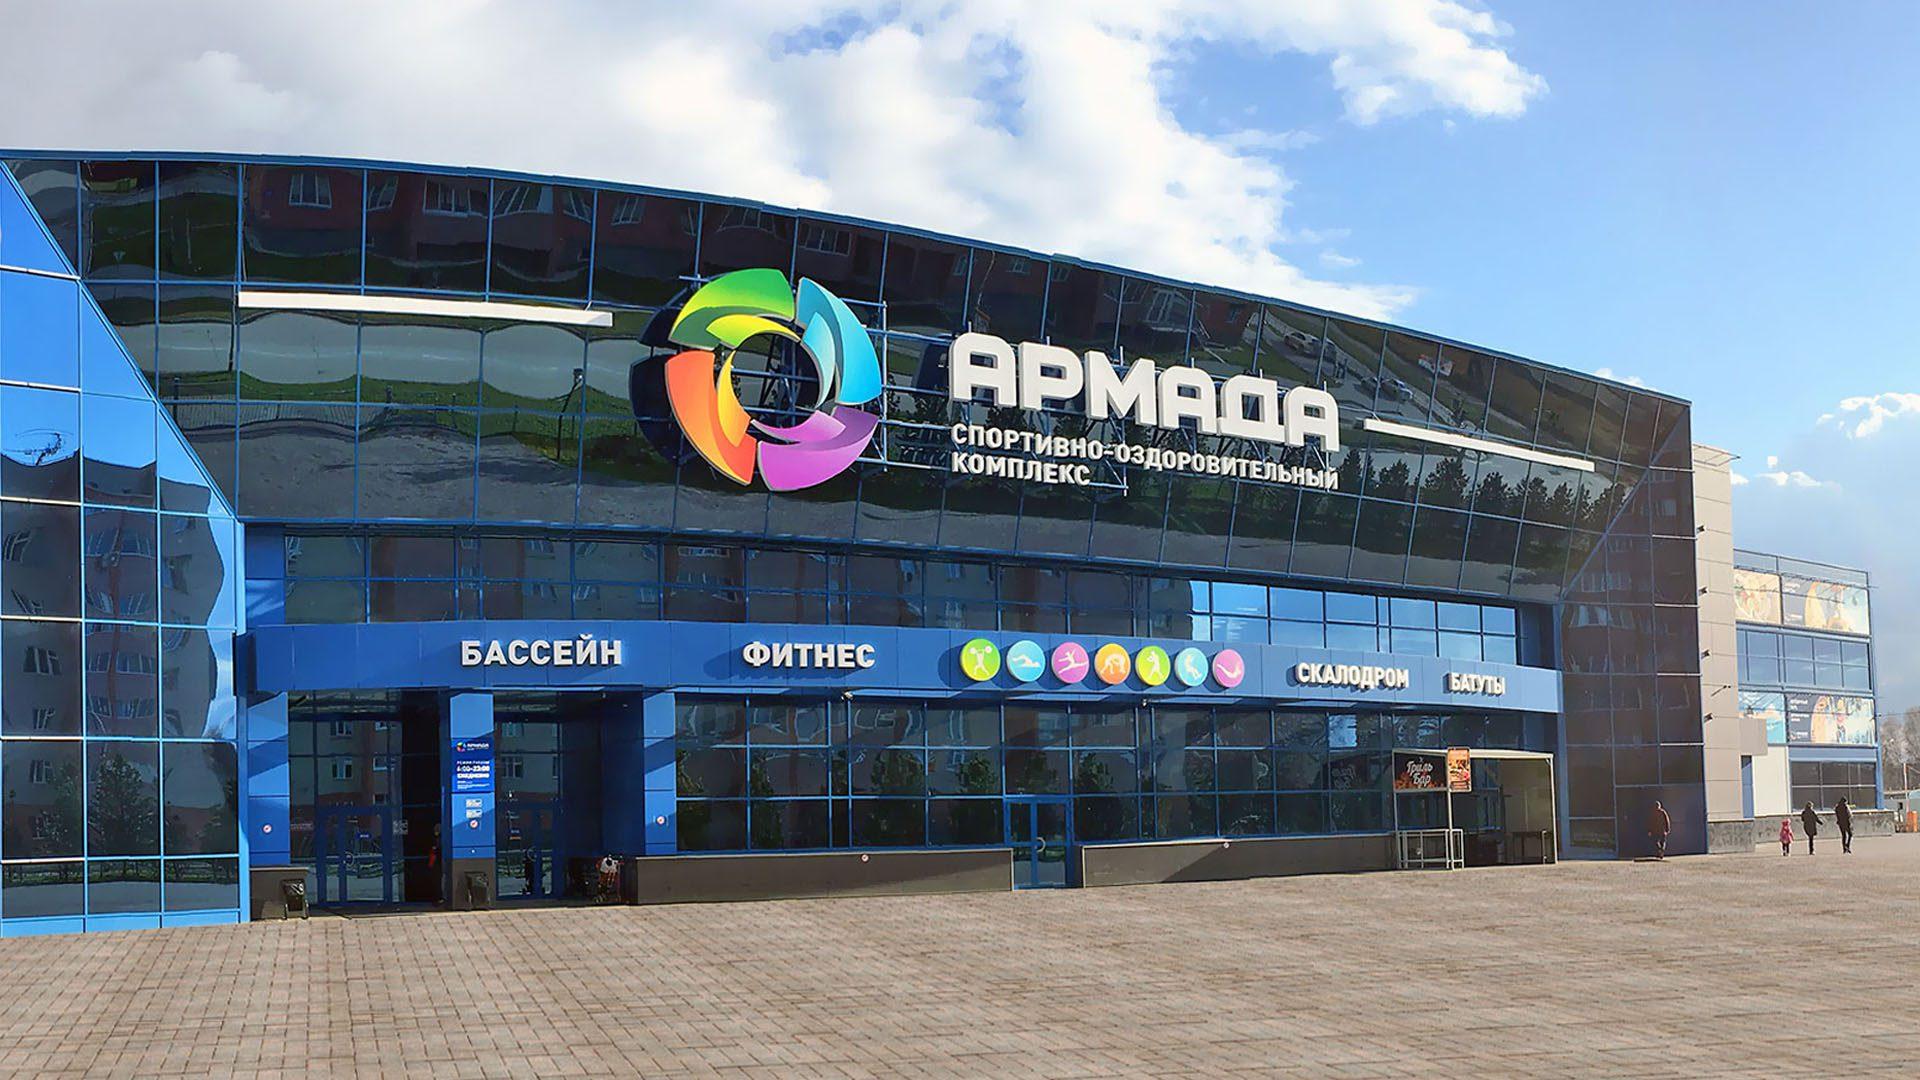 Спортивно-оздоровительный комплекс «Армада»